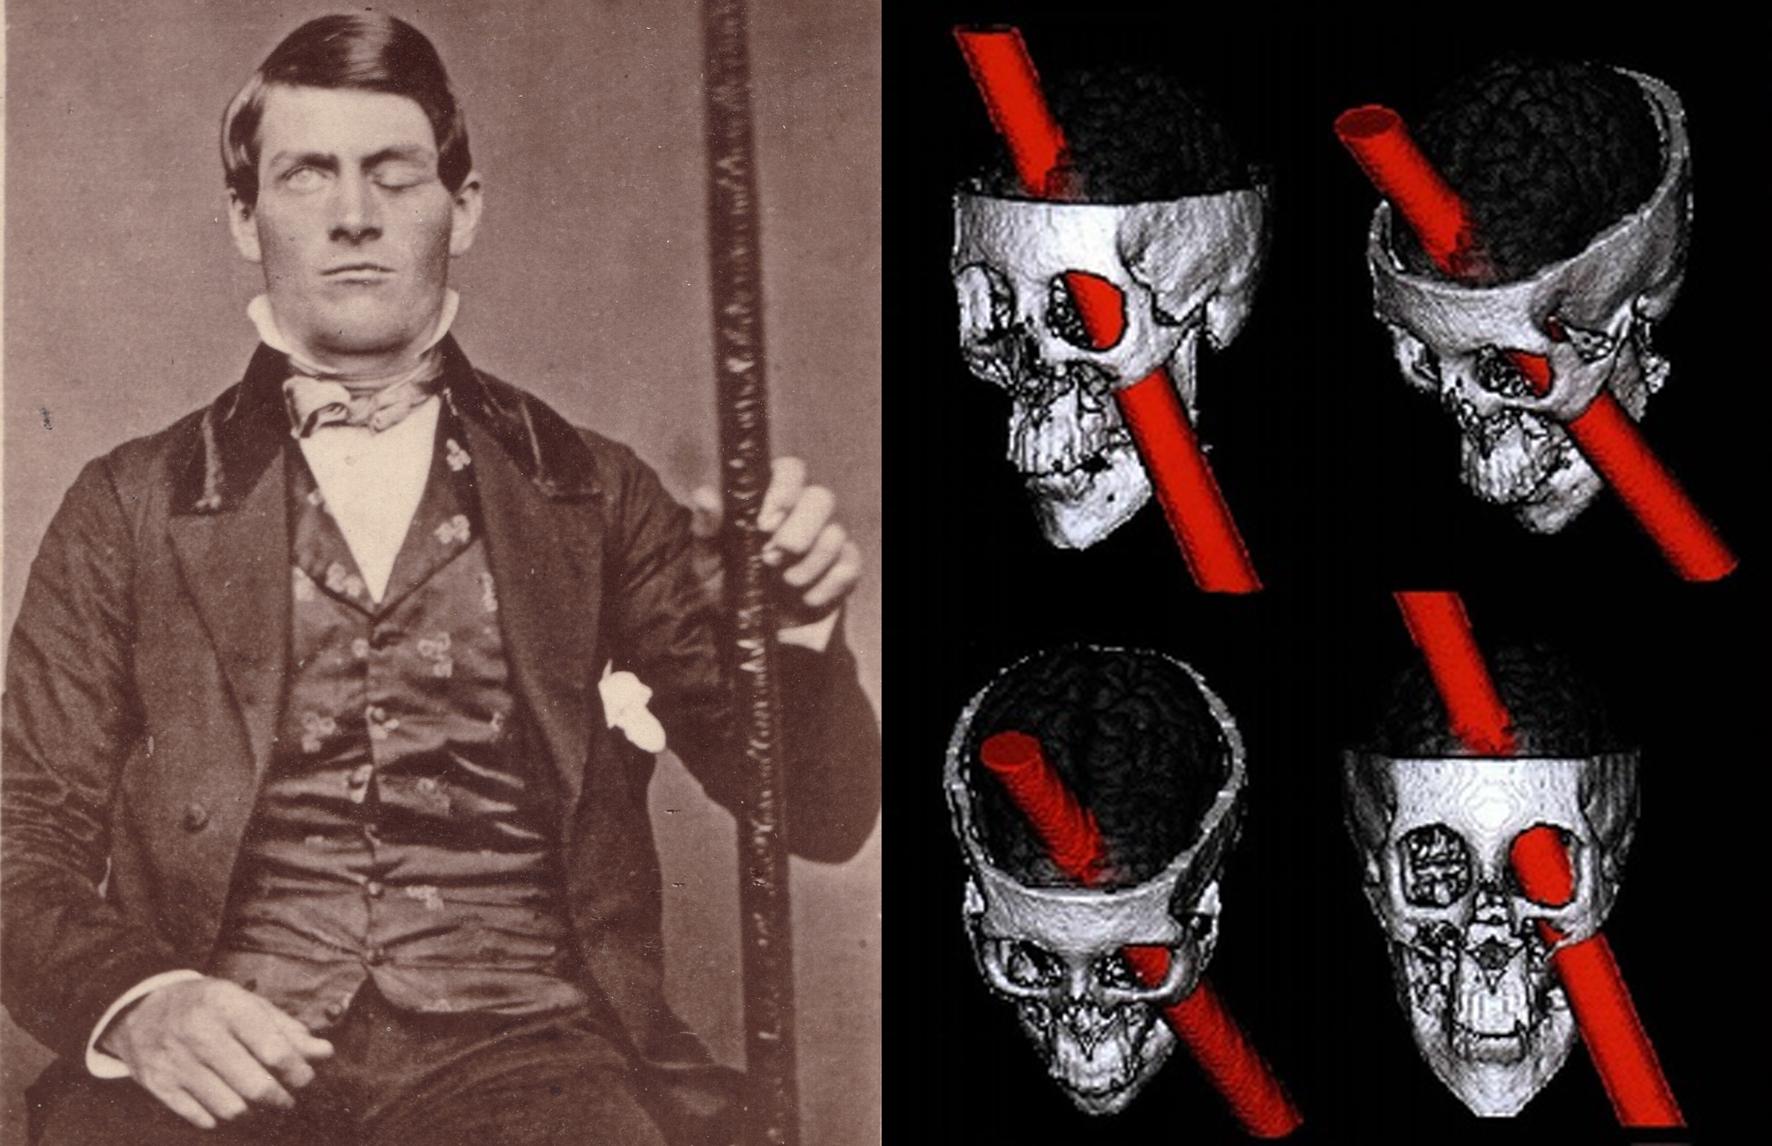 Phineas Gage posa con l'asta che gli attraversò il cranio (nella ricostruzione a destra).